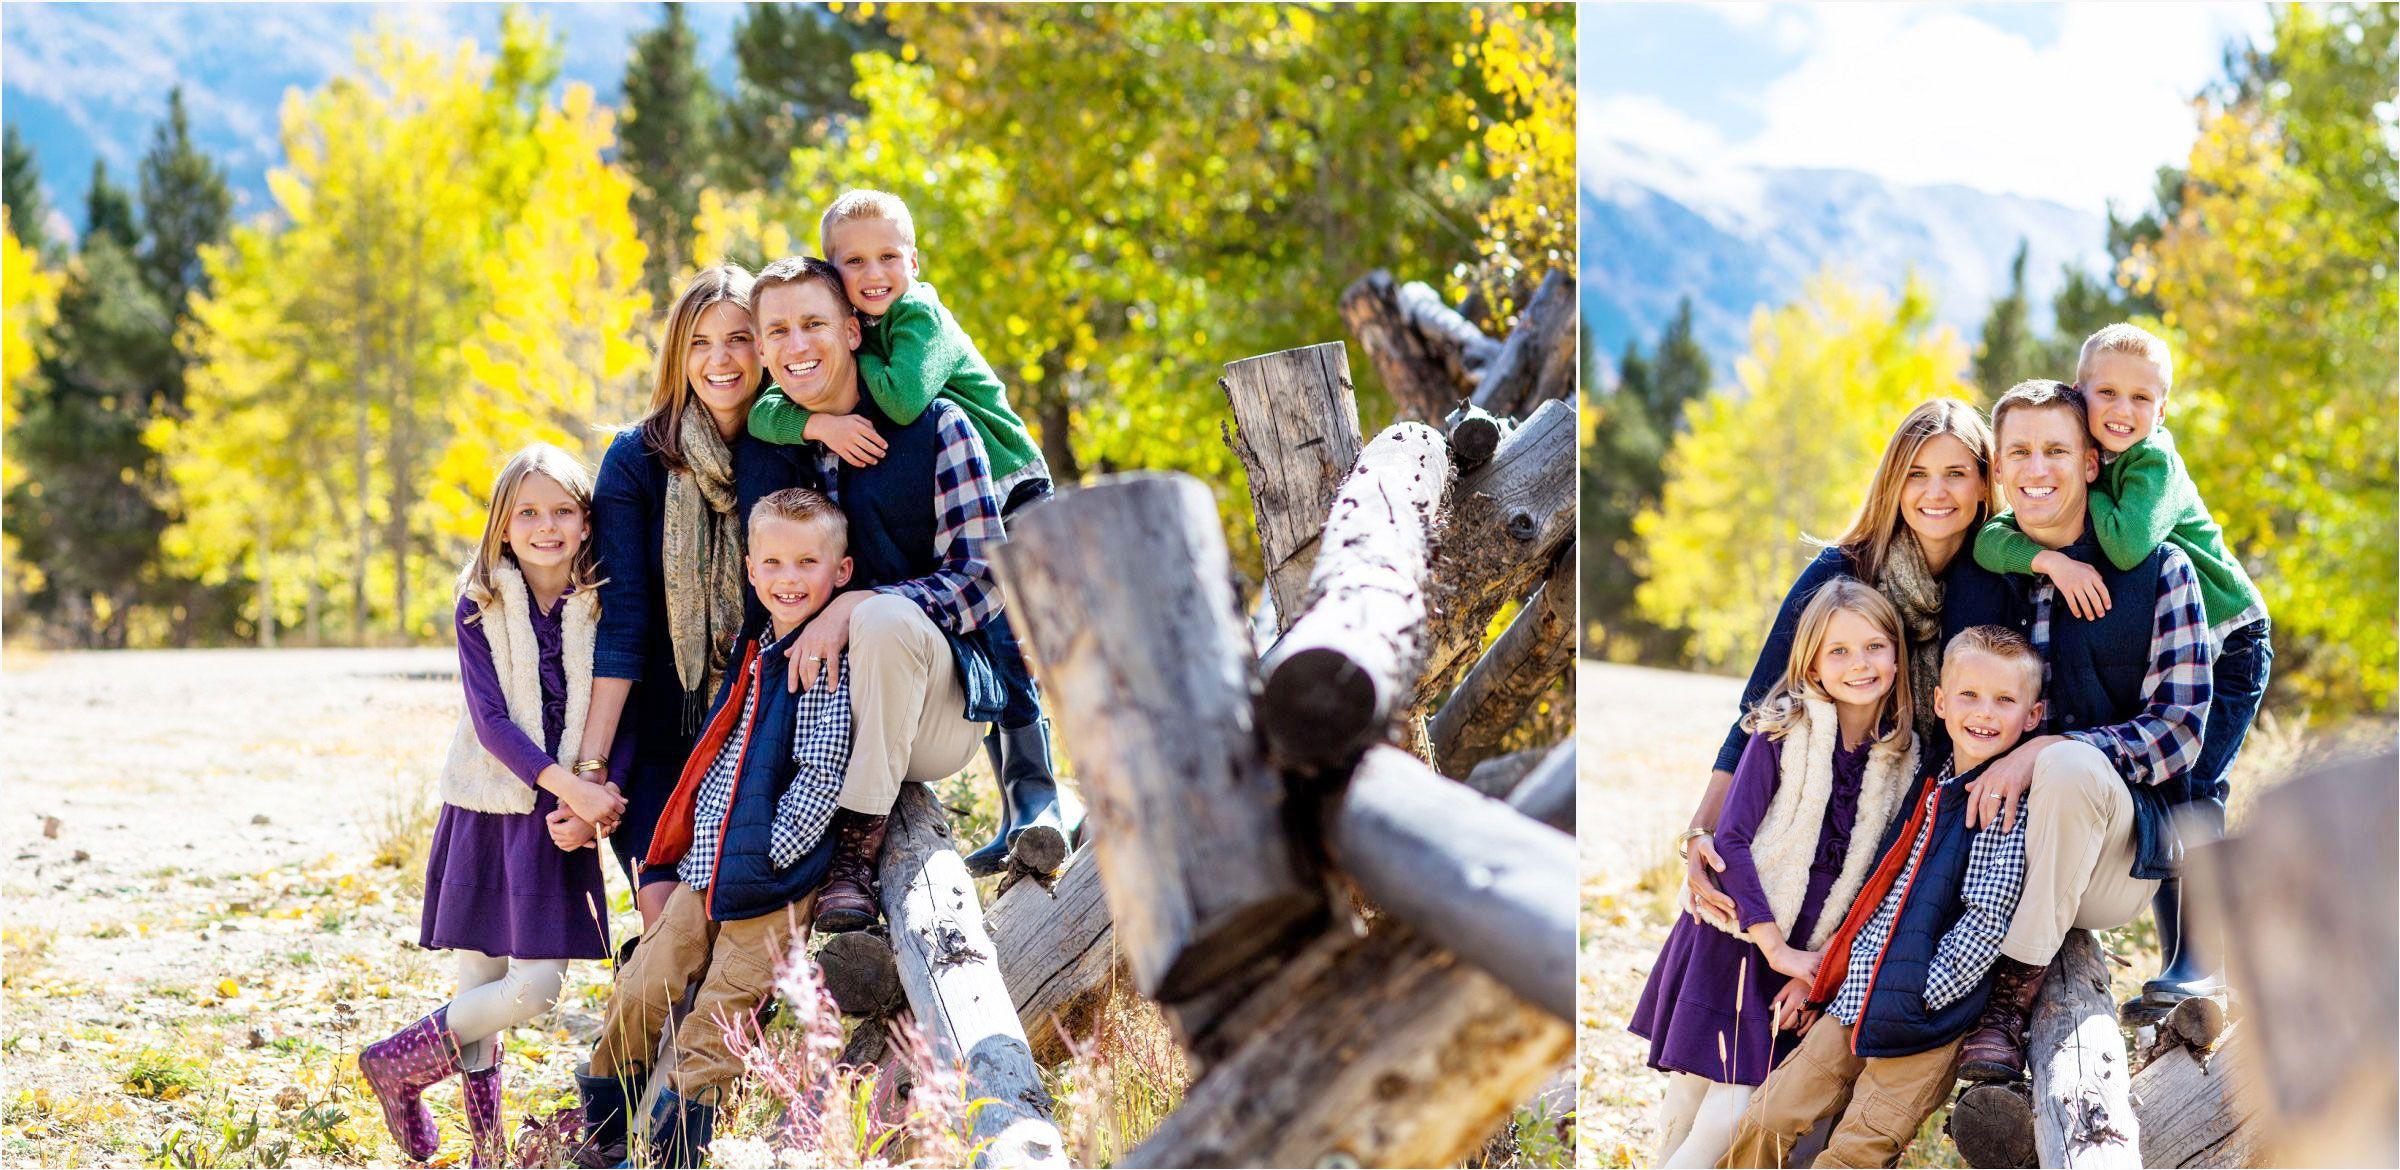 38-Denver-Family-Photography.jpg